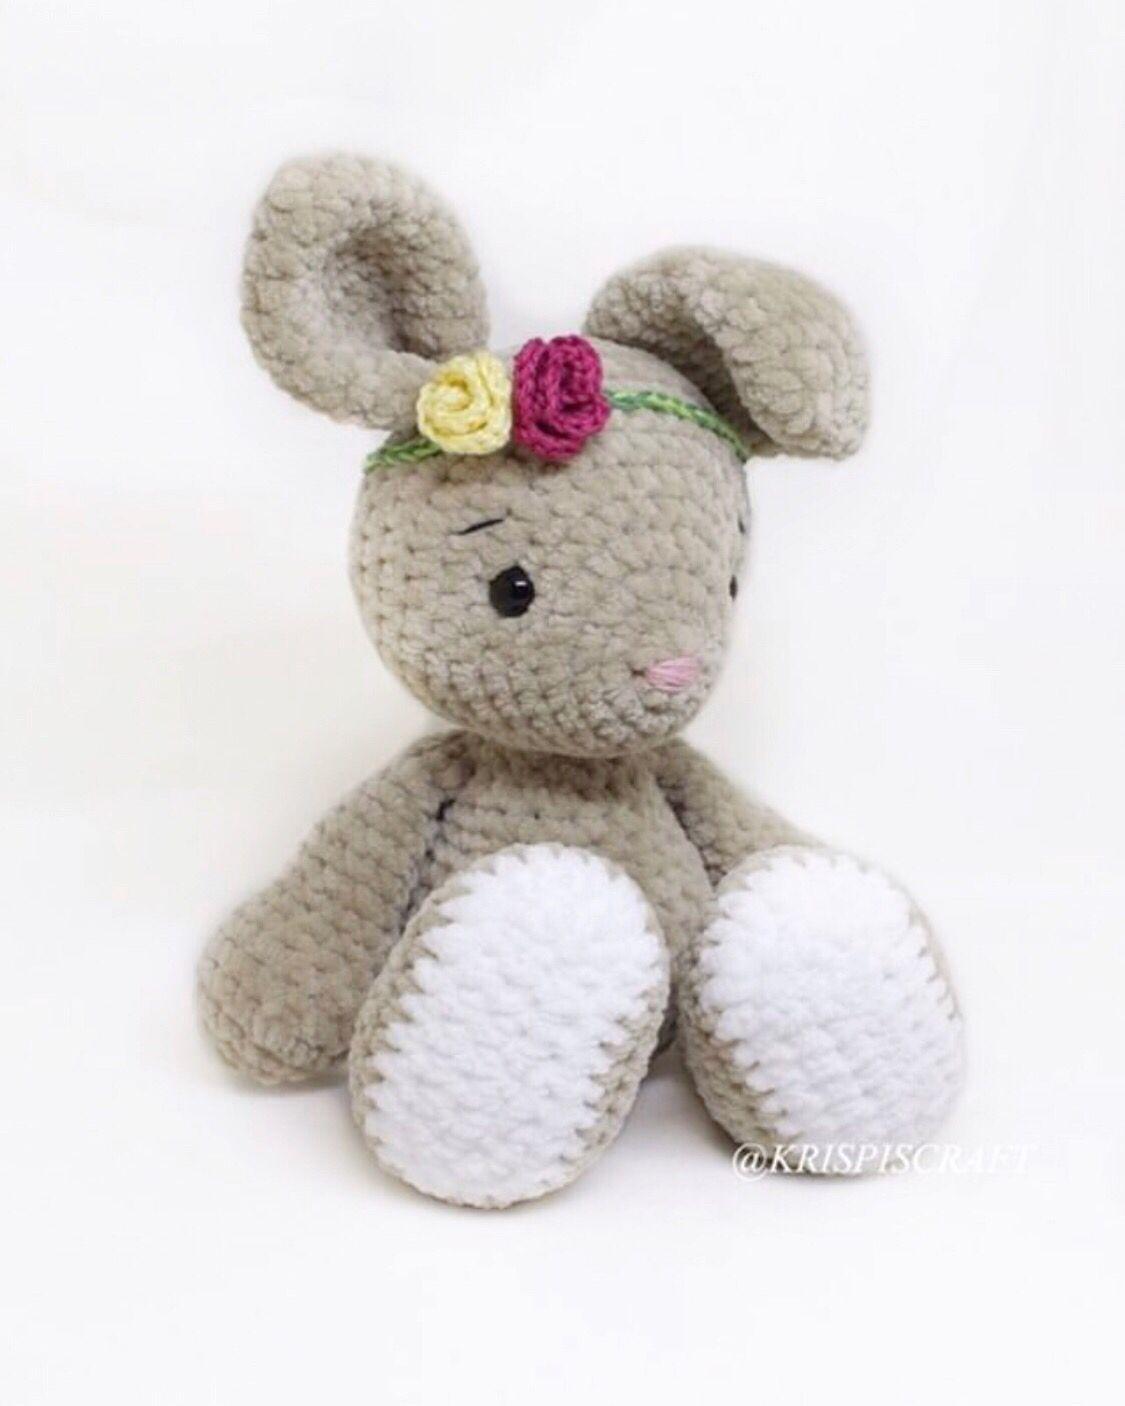 Spielzeug Amigurumi Ballerina Häschen Mit Liebe Gehkelt Plüschtiere & -figuren